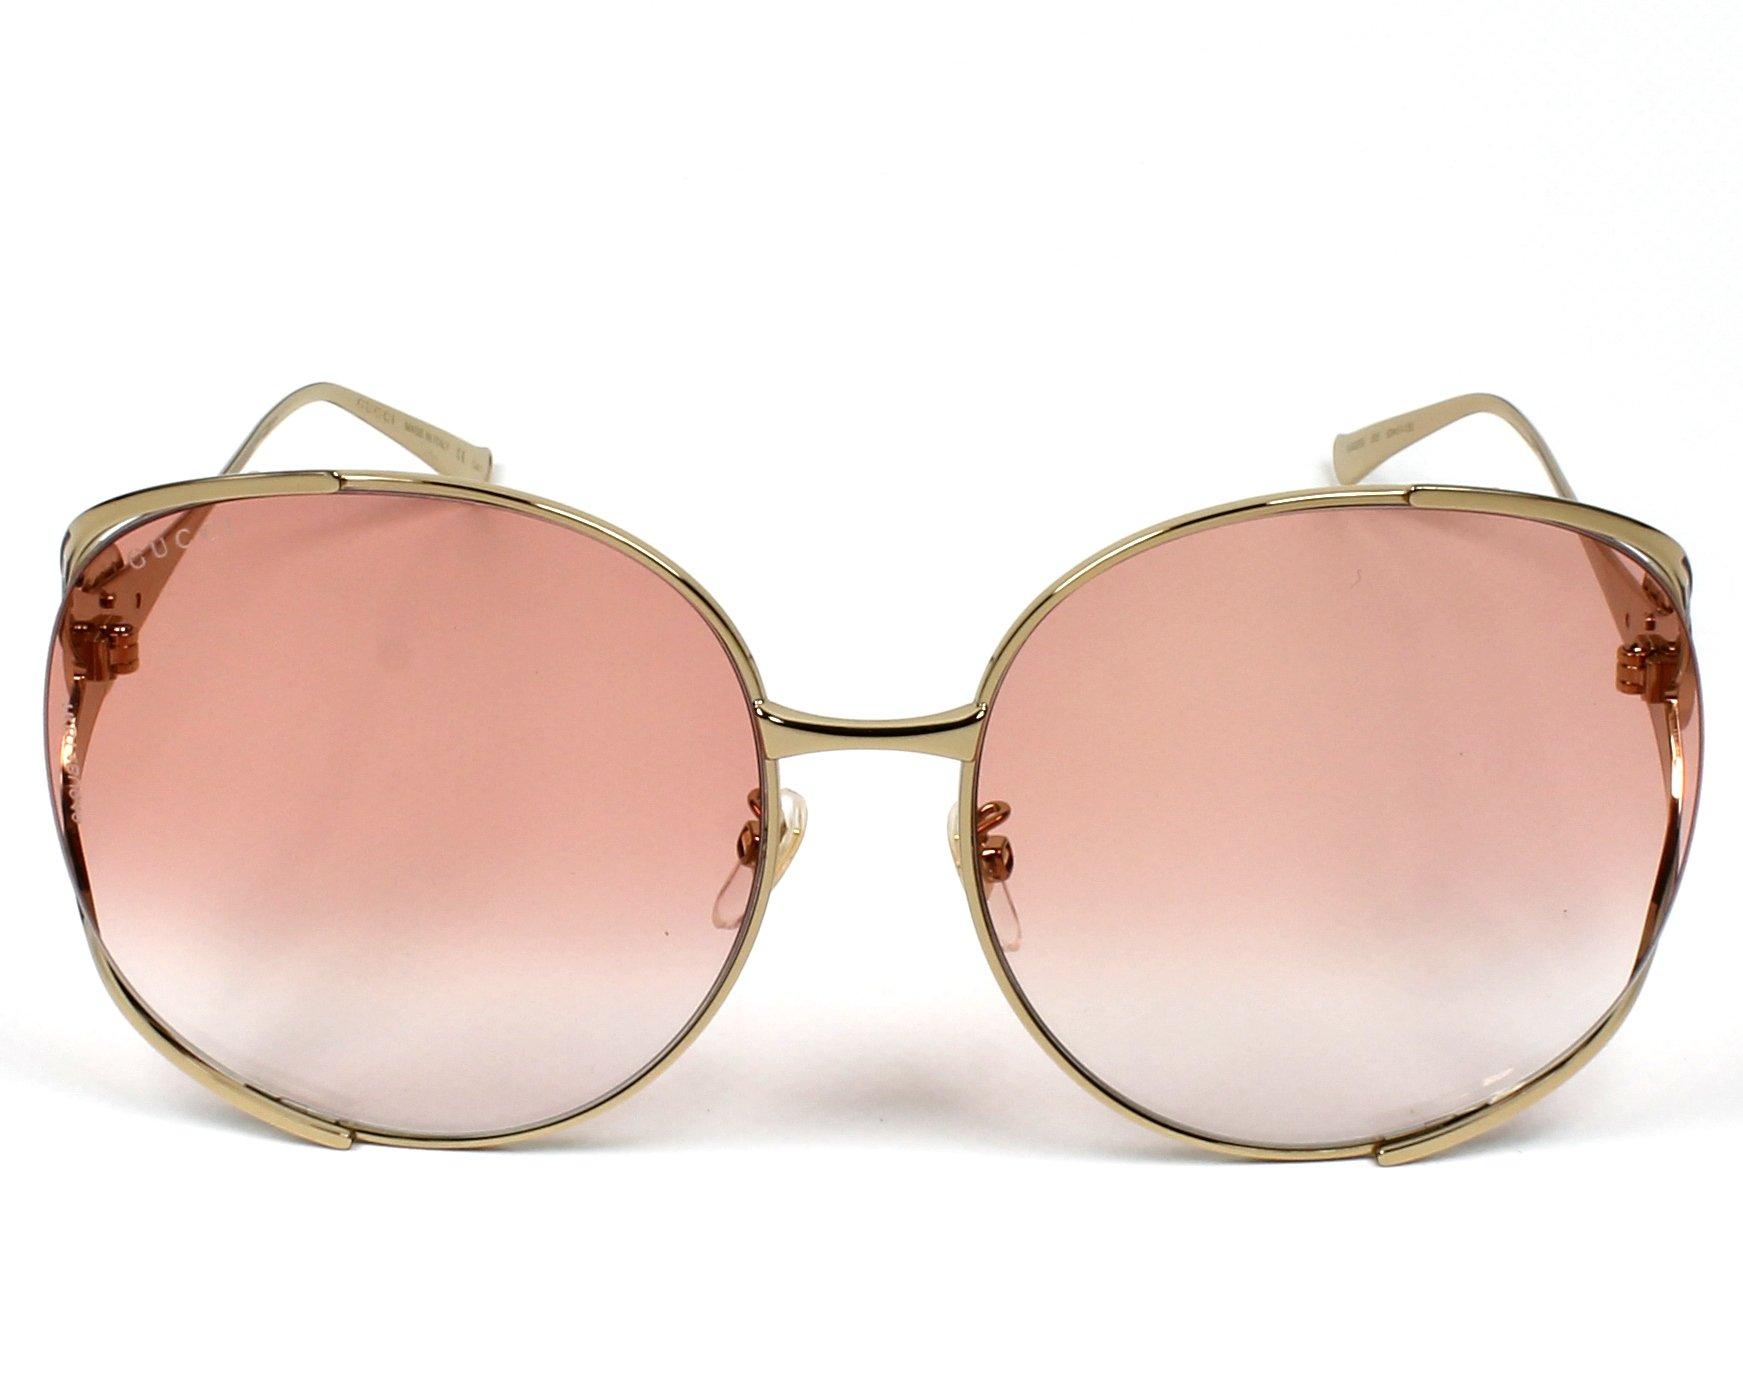 22ab9d2a22 Sunglasses Gucci GG-0225-S 005 - Gold Bordeaux front view